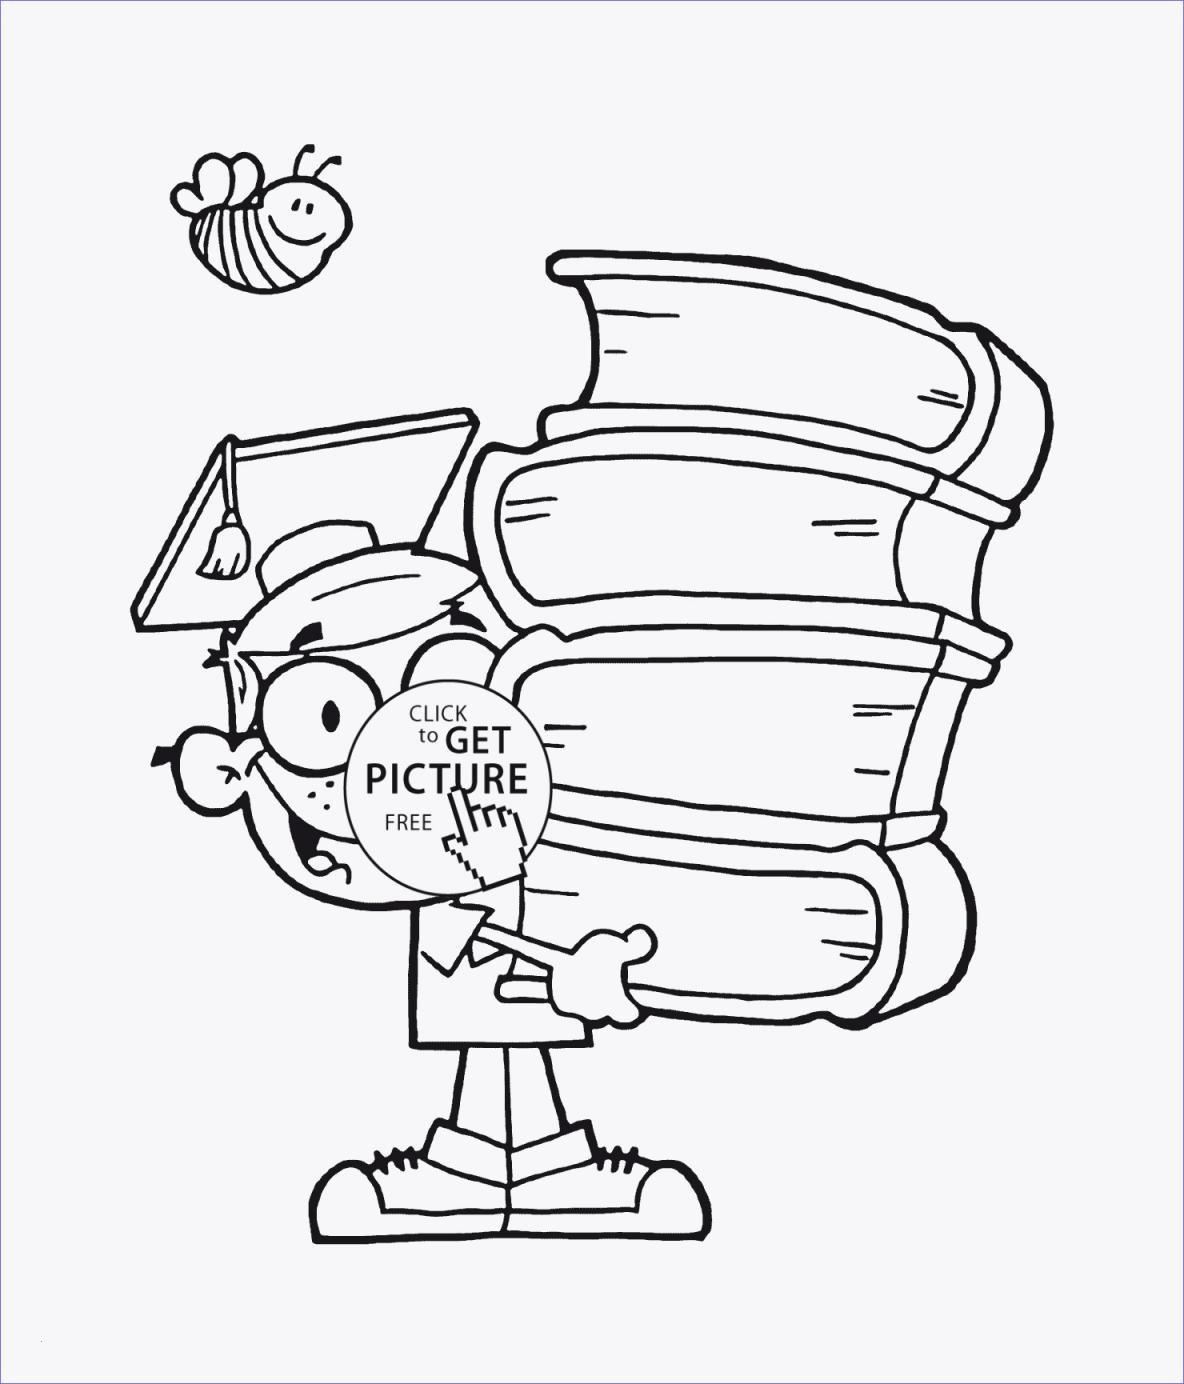 Mandala Herbst Zum Ausdrucken Das Beste Von Malvorlagen Igel Frisch Igel Grundschule 0d Archives Uploadertalk Stock